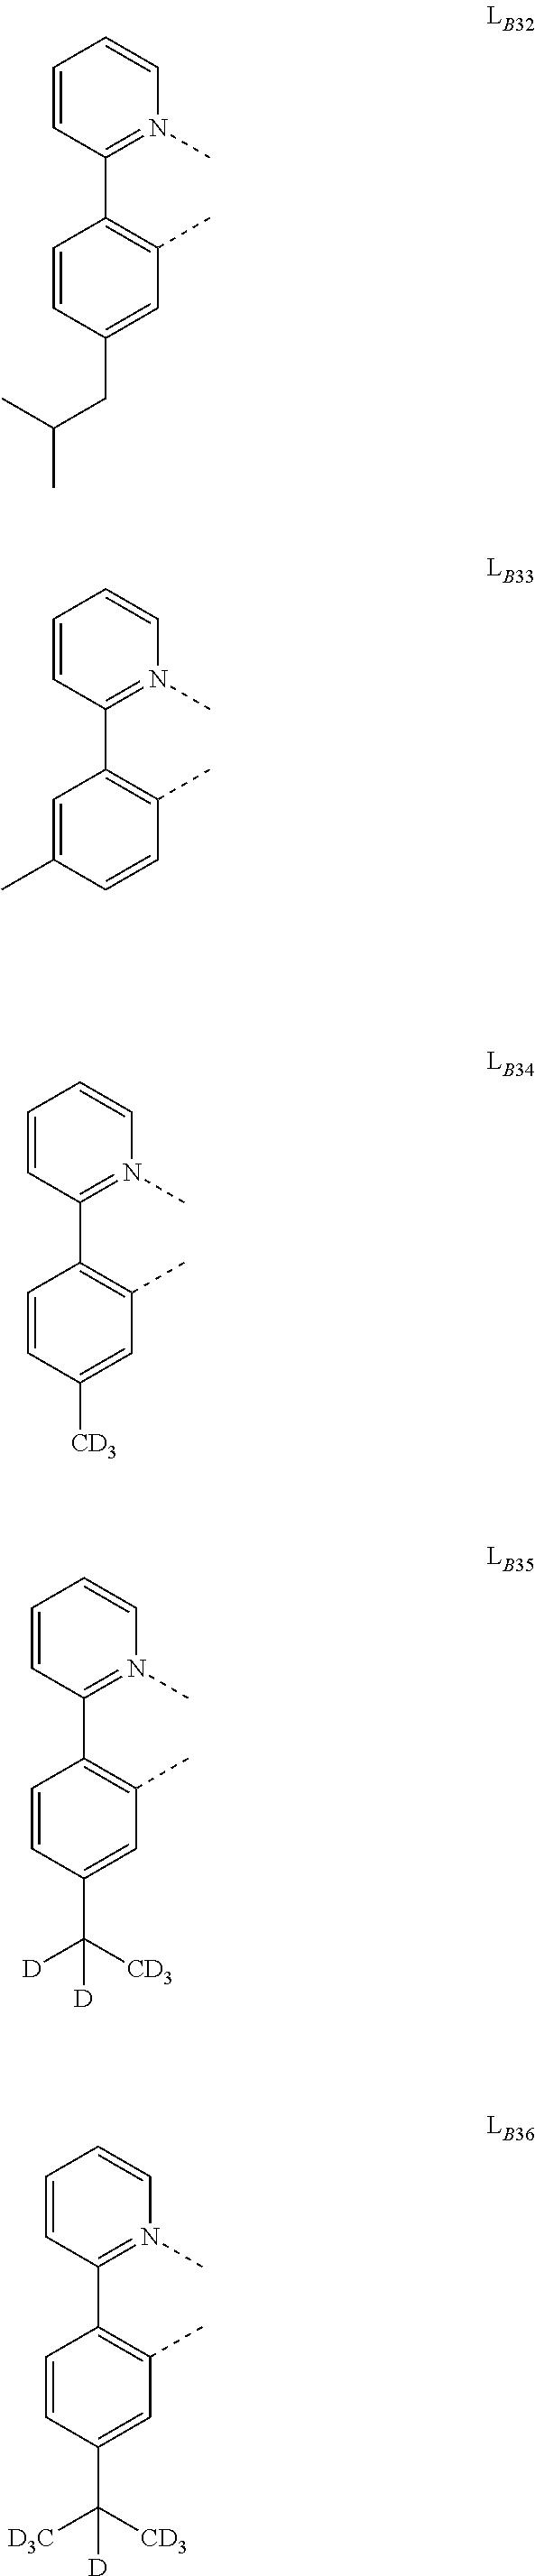 Figure US09929360-20180327-C00043